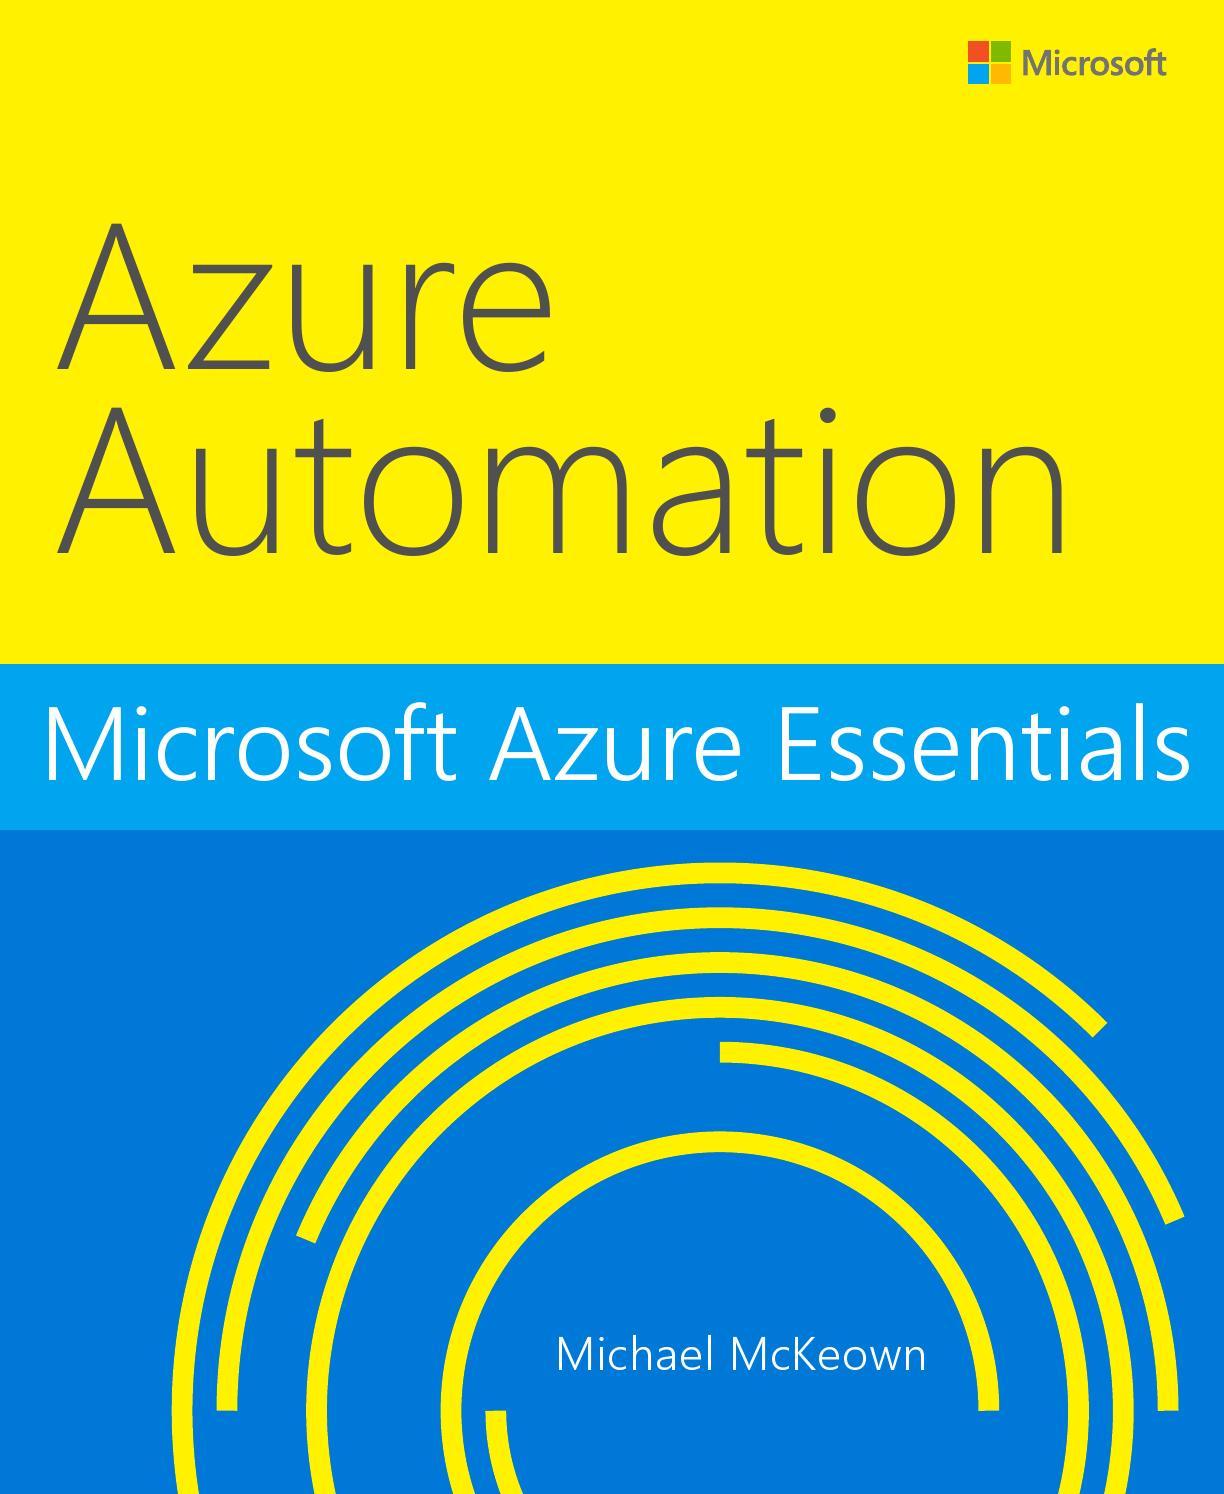 Microsoft Azure Essentials: Azure Automation by PankajDhussa